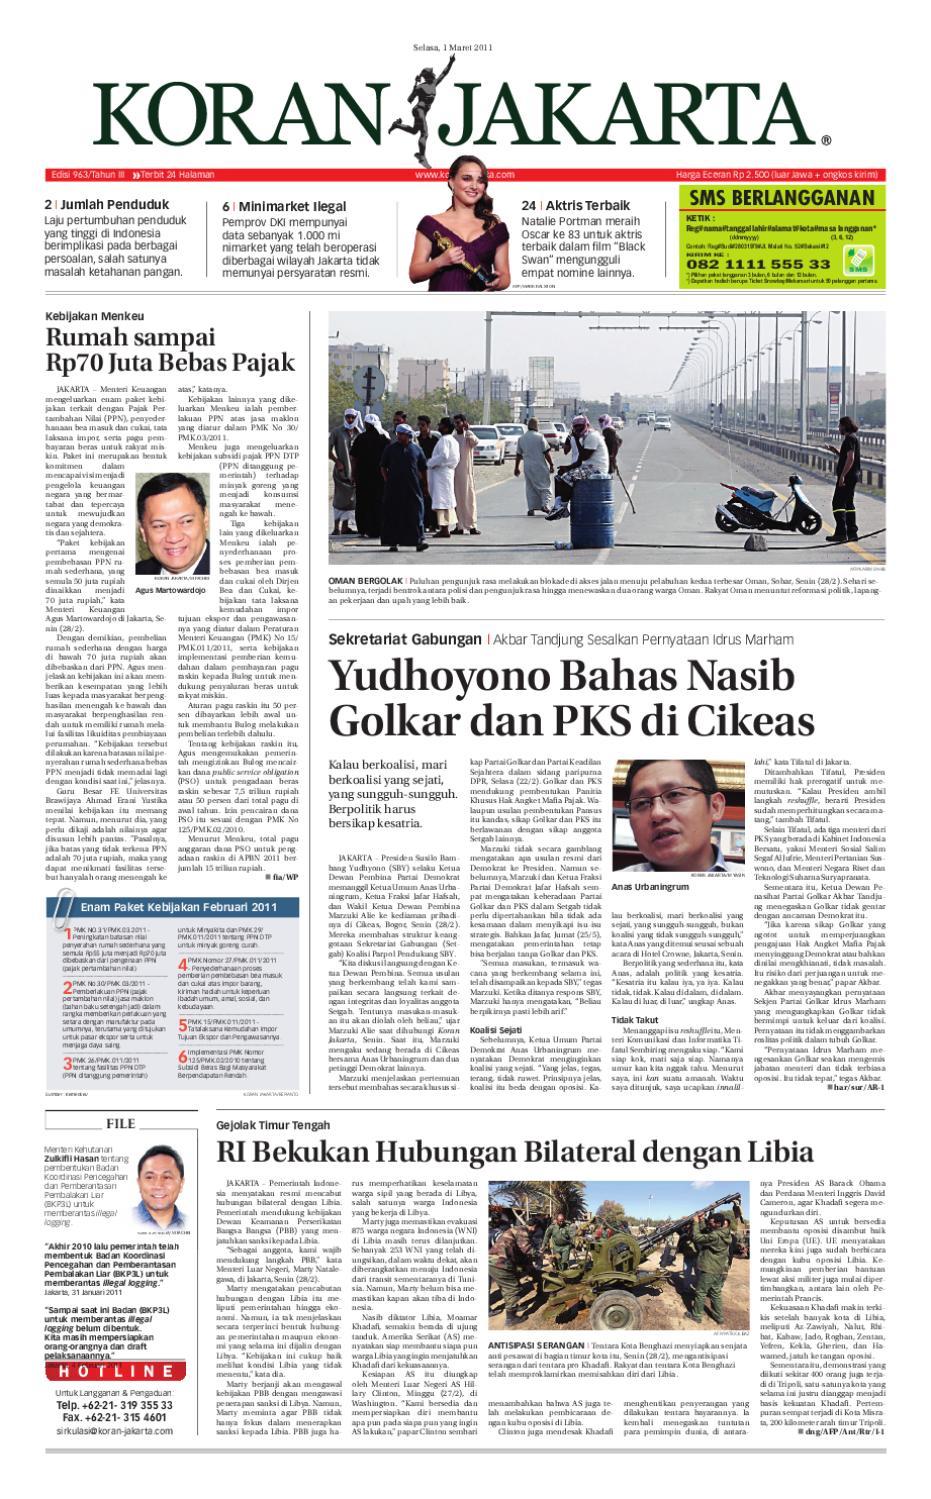 Edisi 963 1 Maret 2011 By Pt Berita Nusantara Issuu Mesin Untuk Membungkus Makanan Hand Wrapping Sat Hw450starpack